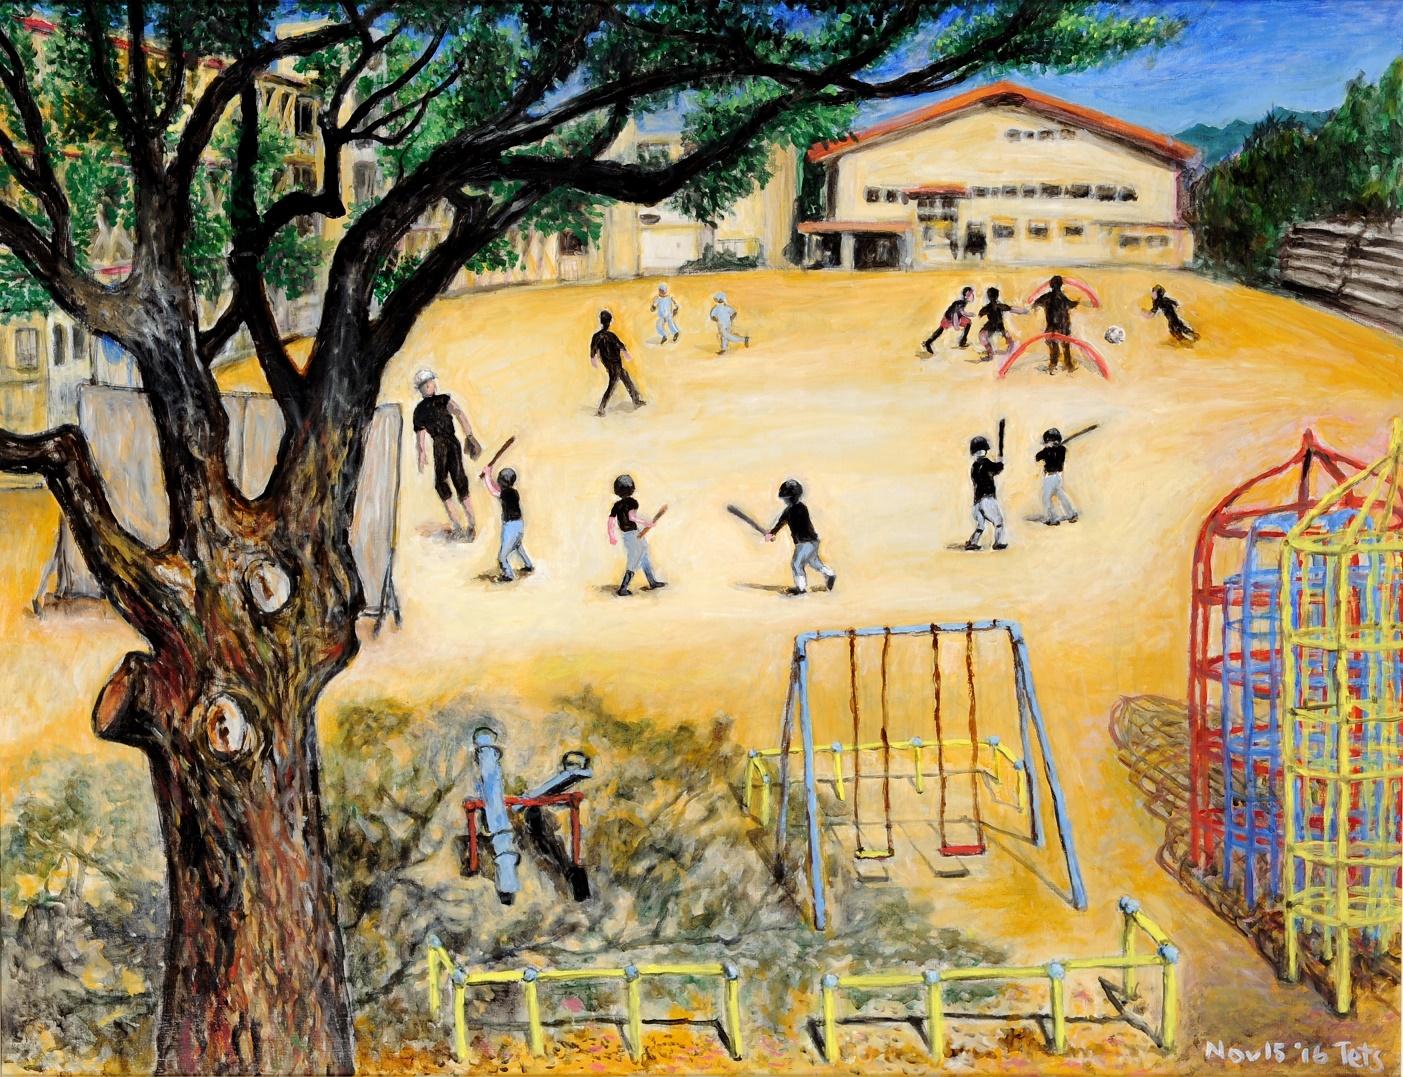 第70回滋賀県美術展覧会(平面の部)佳作「上級生の夏」